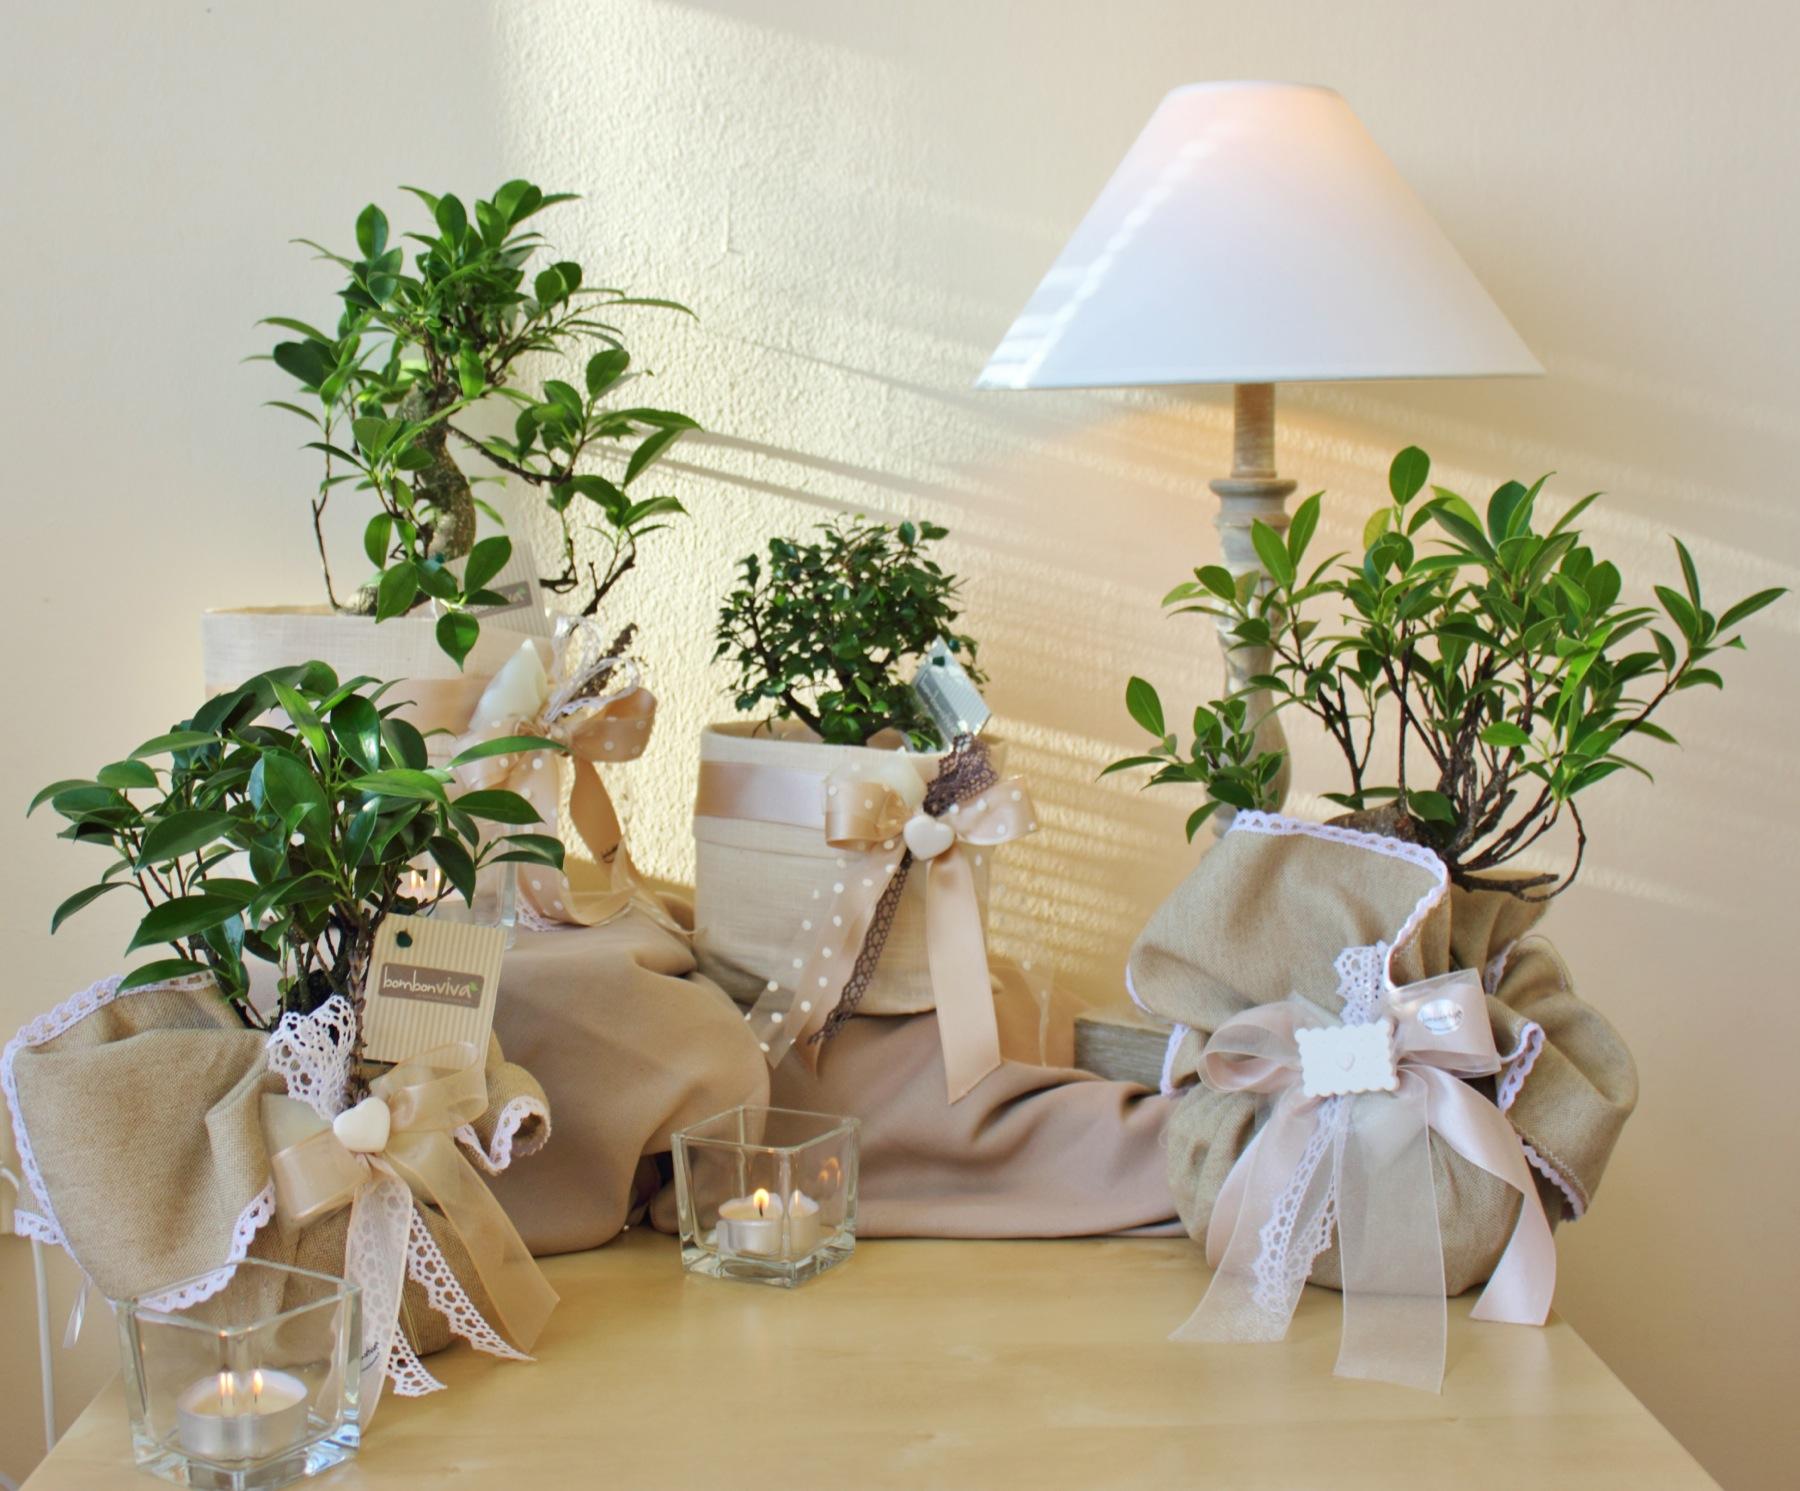 Bombonviv bomboniere bonsai piantine candele for Planimetrie di piccoli cottage con portici